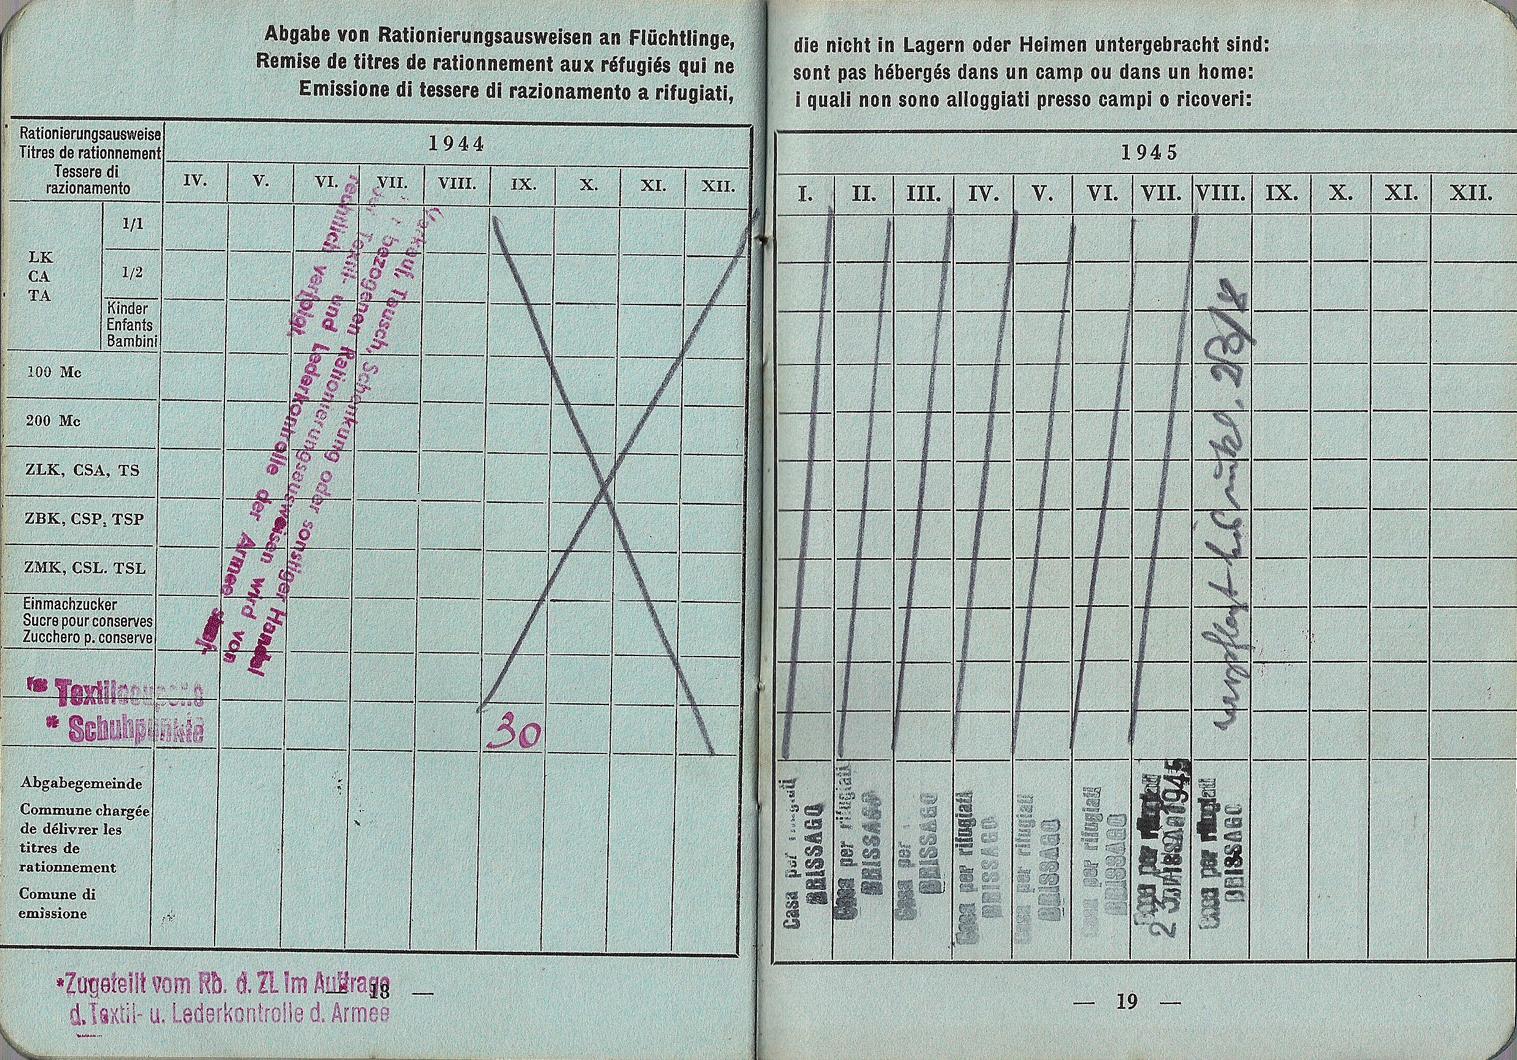 1944 Swiss refugee ID